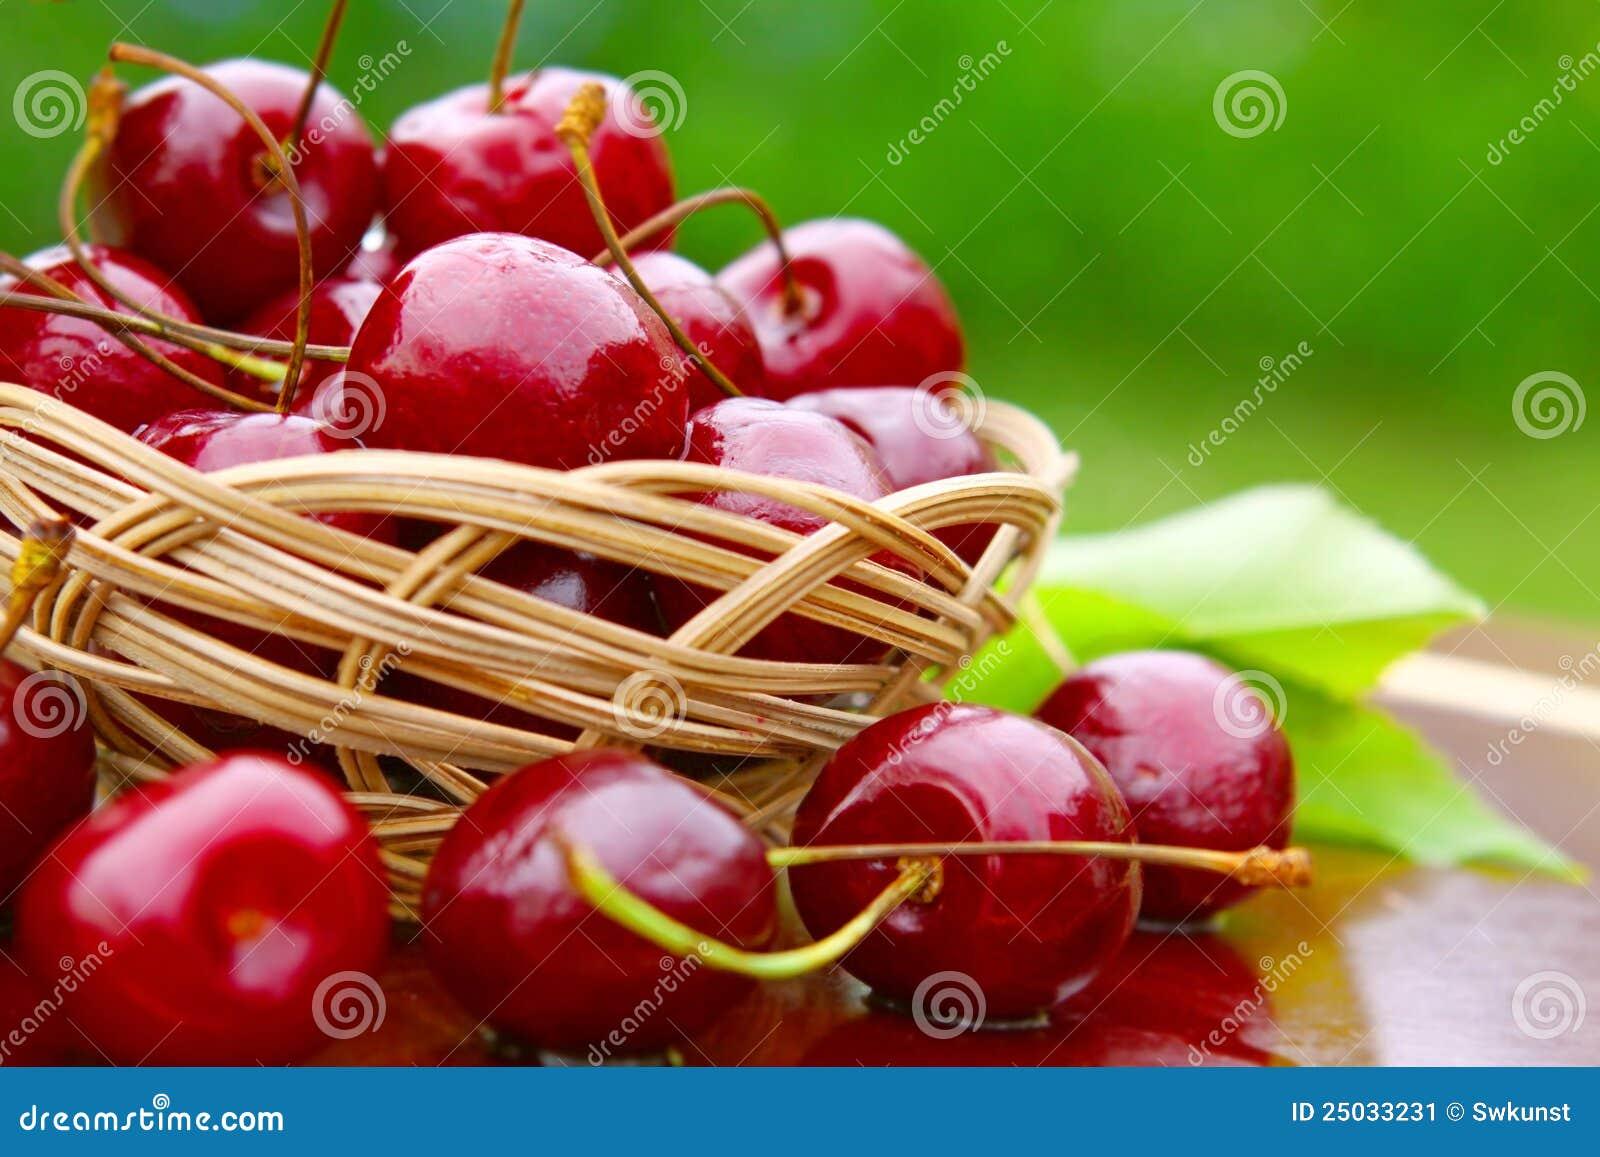 Nya Cherry